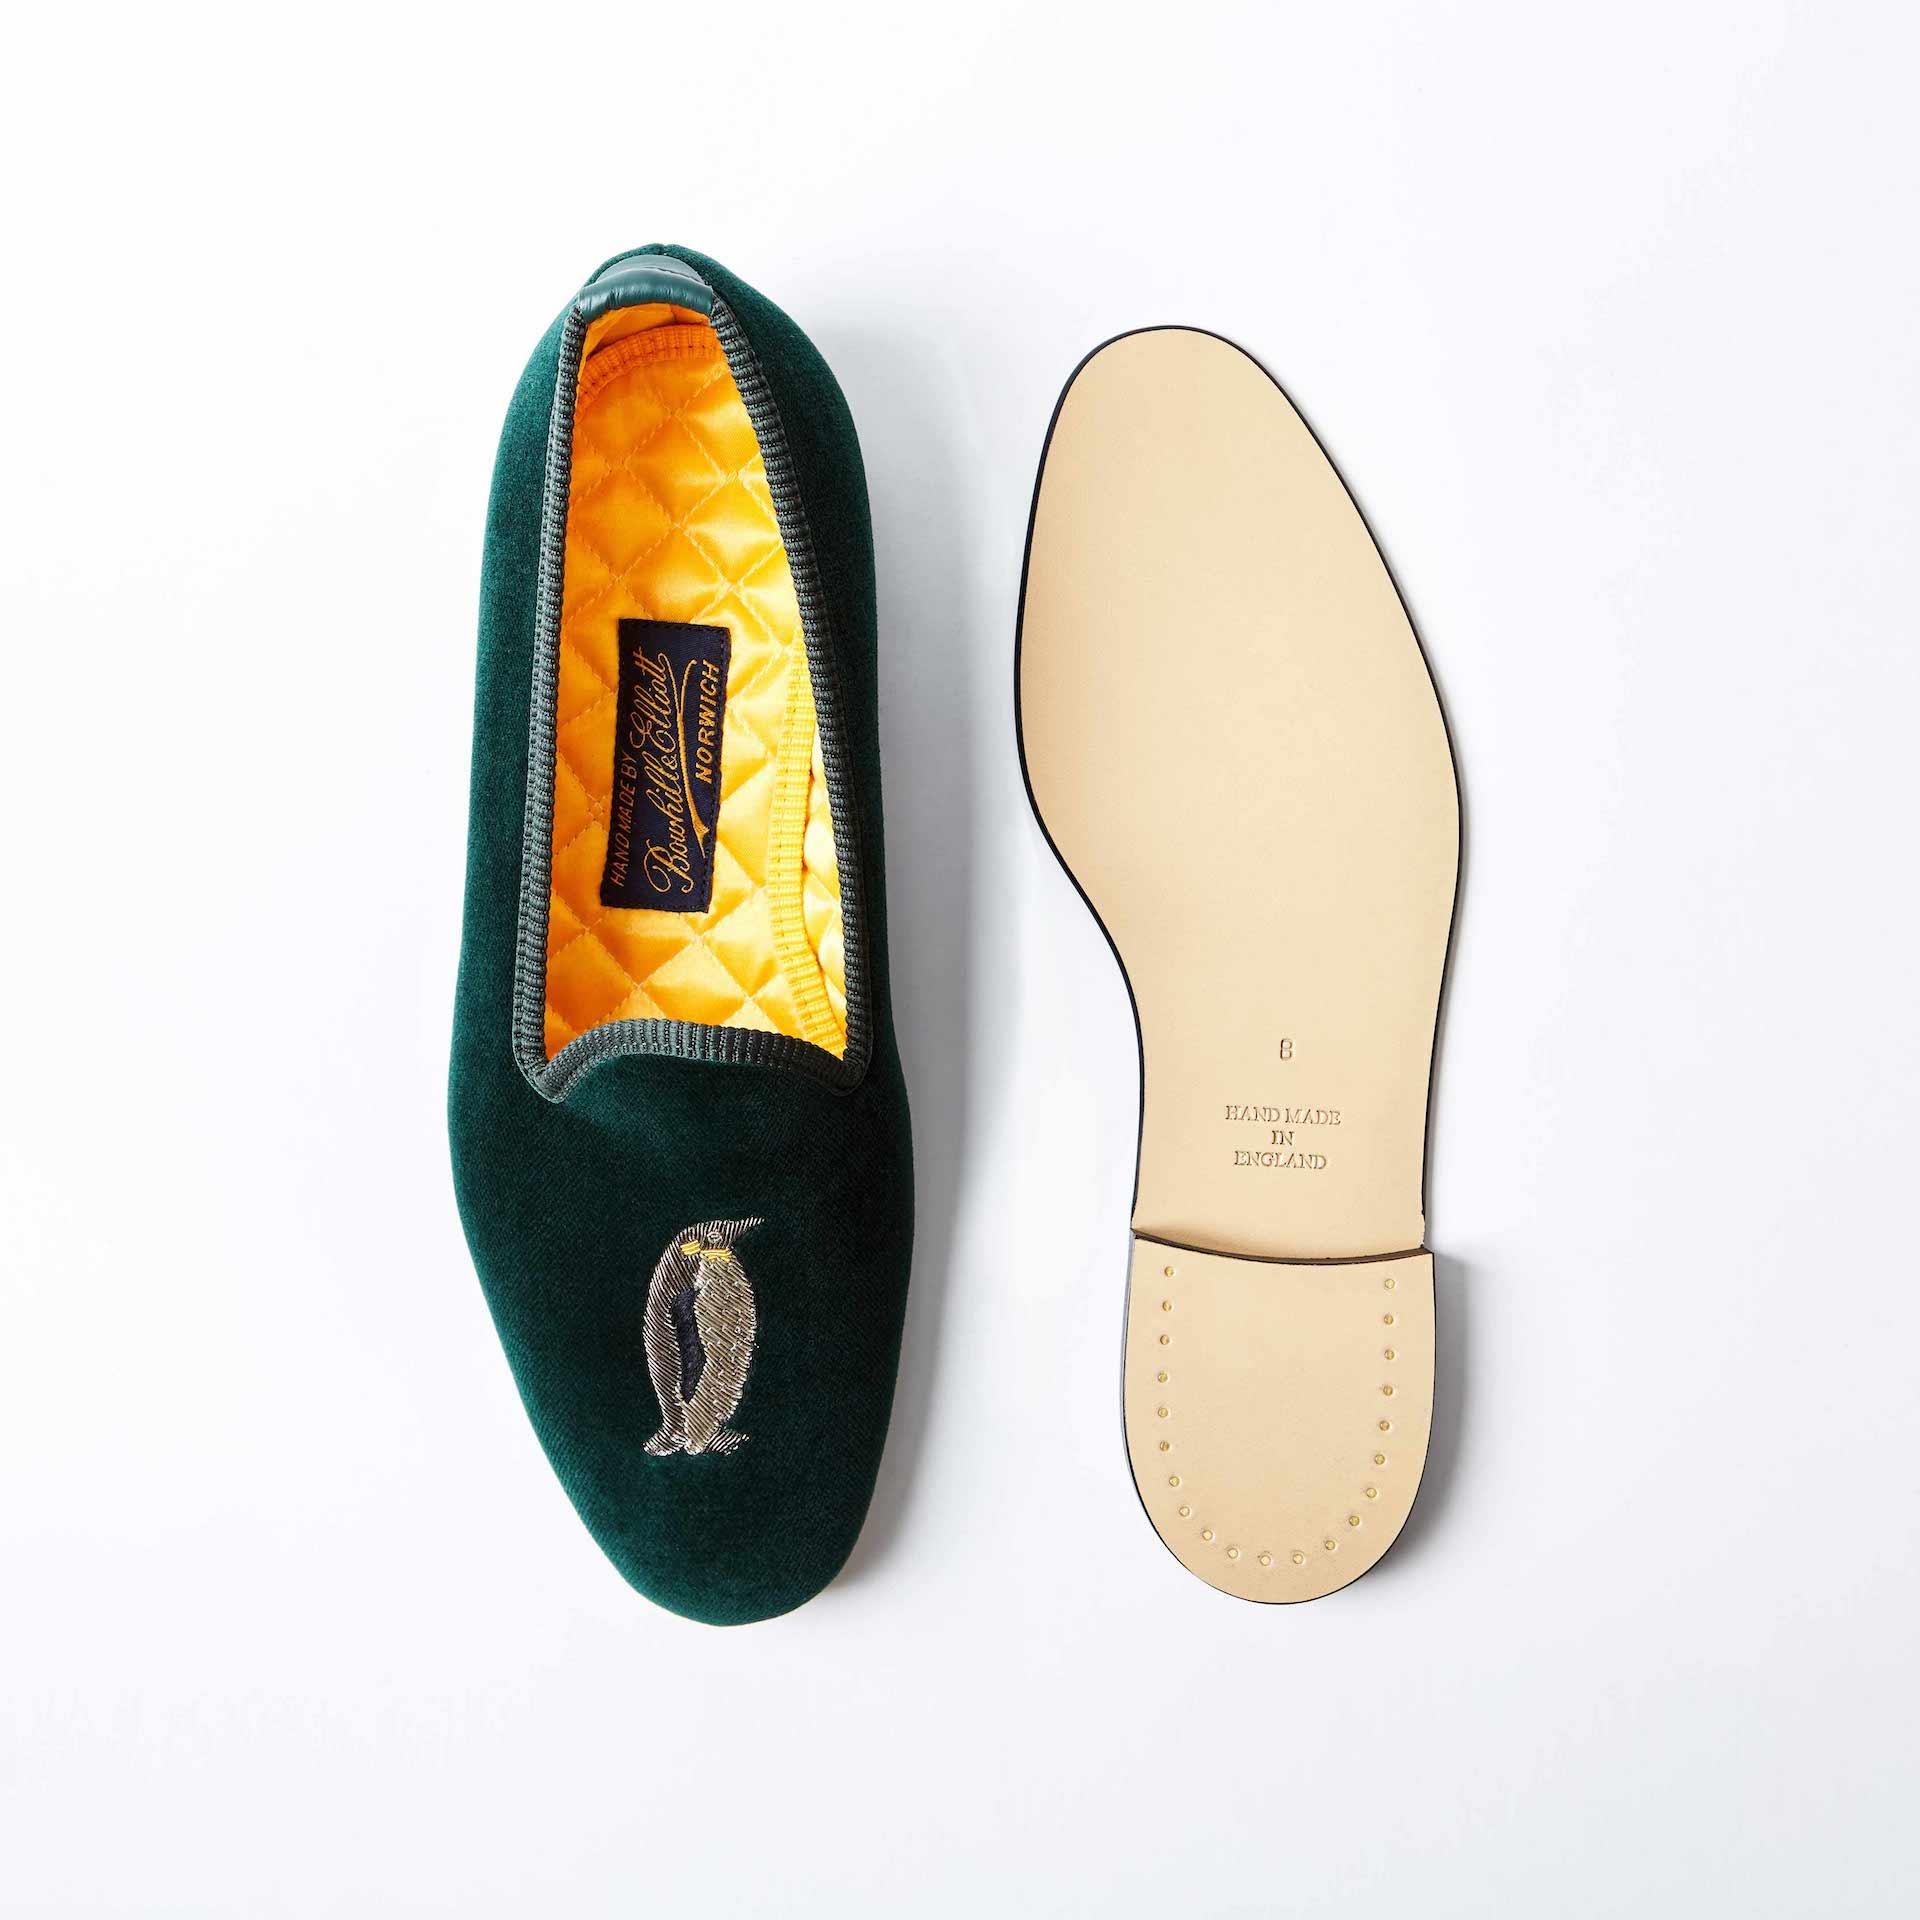 Green Velvet Venetian Slippers with Emperor Penguin